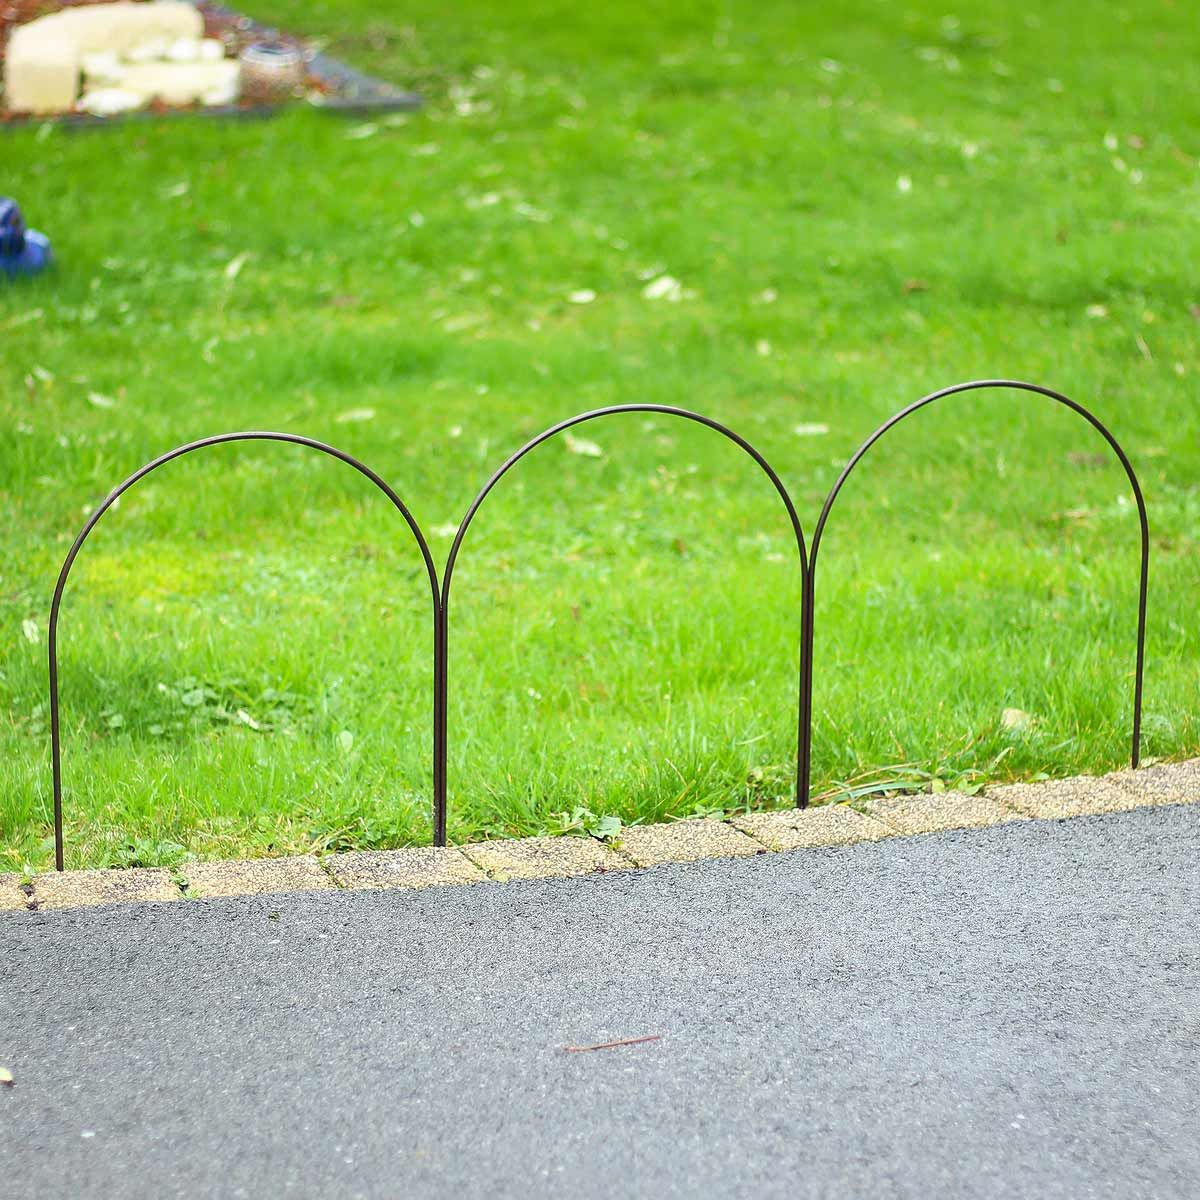 Bordure Triple Arceaux En Acier Plein L.100Cm X H.40Cm ... pour Bordure Caoutchouc Jardin